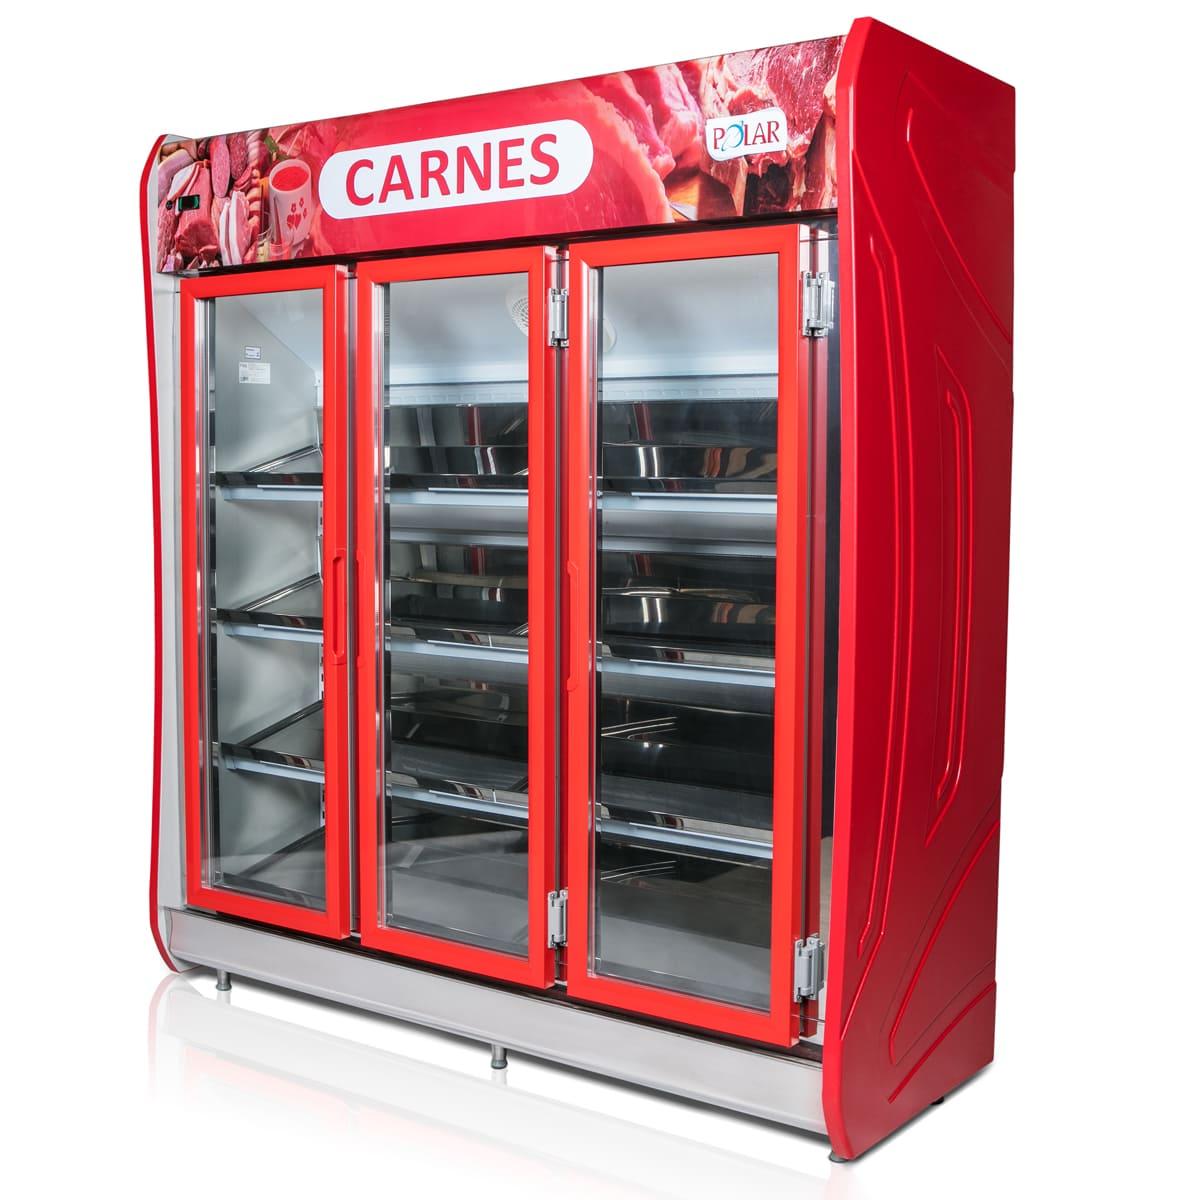 Expositor Vertical Refrigerado Auto Serviço 3 Portas para Carnes 1,90m POLAR